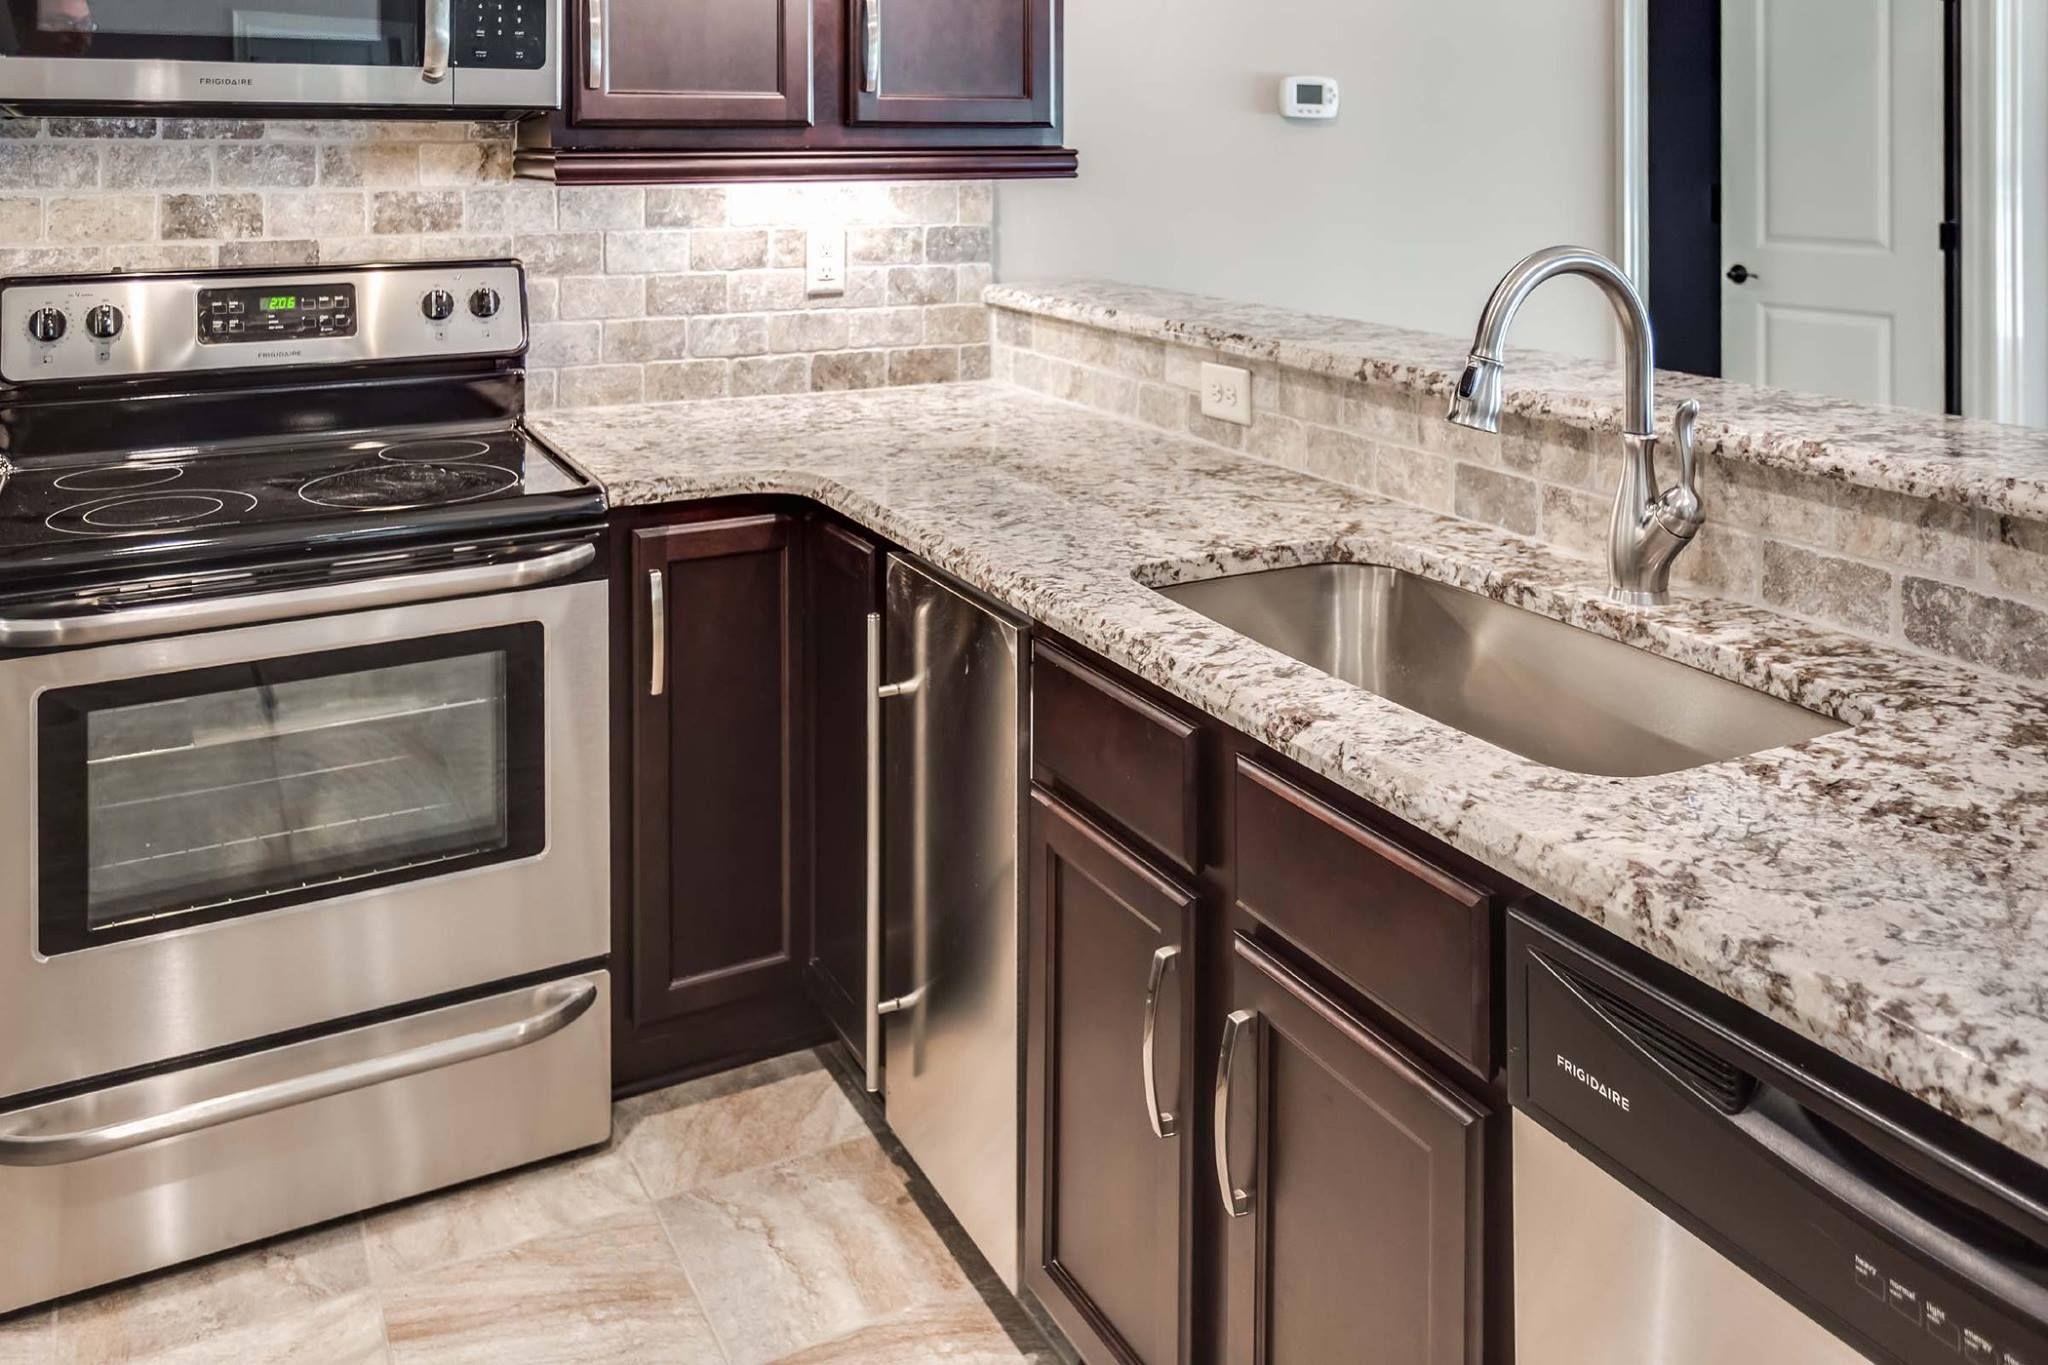 Bianco Antico Granite Vanity Top Carlzhang11 Outlook Com Outdoor Kitchen Countertops Outdoor Kitchen Kitchen Renovation